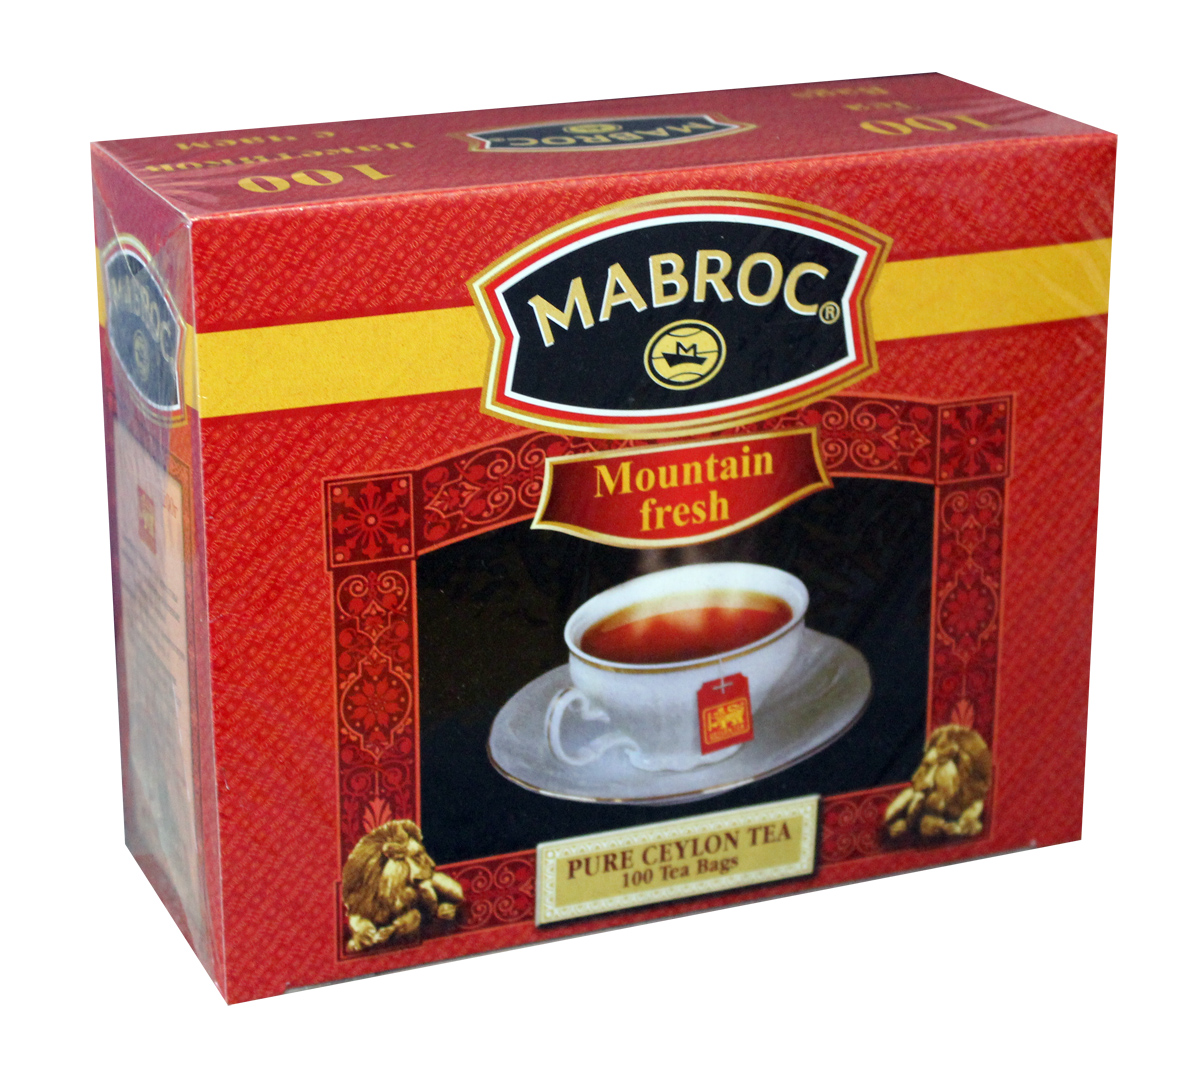 Mabroc Голд Свежесть горная чай черный в пакетиках, 100 шт4791029004235Цейлонский черный мелколистовой чай в пакетиках Mabroc Голд - это качественный чай с собственных плантаций. Его насыщенный вкус и терпкий аромат никого не оставят равнодушным. Настой яркий, прозрачный с интенсивной окраской. Быстро заваривается. Вкус терпкий с приятной горчинкой и хорошо выраженным ароматом.